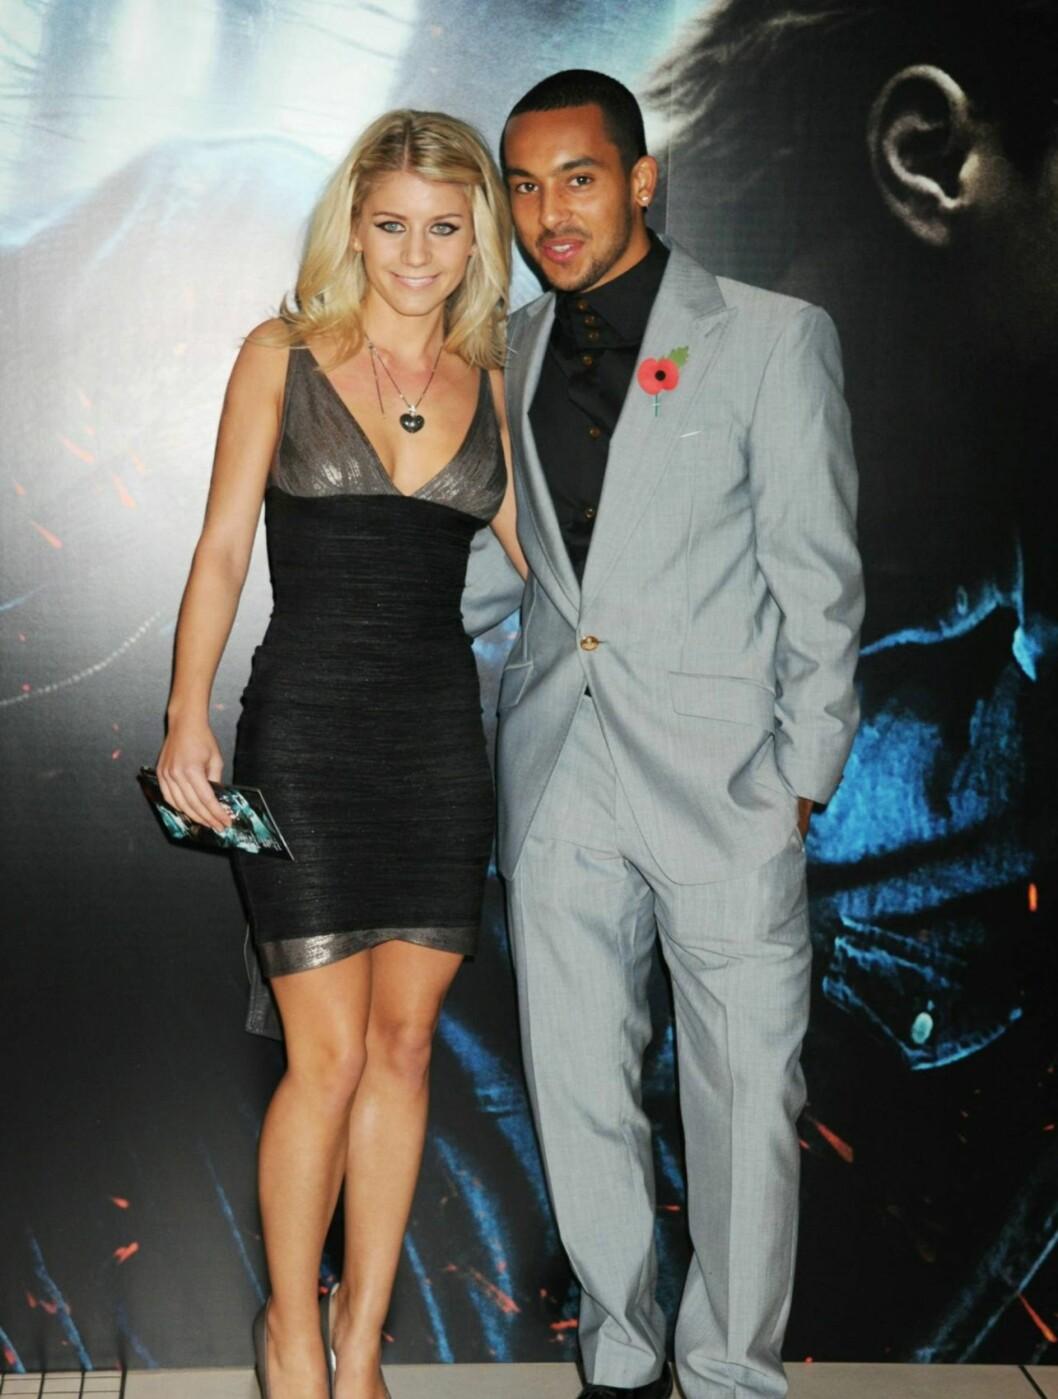 FOTBALL OG FILM: Arsenal-stjernen Theo Walcott hadde med seg kjæresten Melanie Slade på fest. Foto: All Over Press